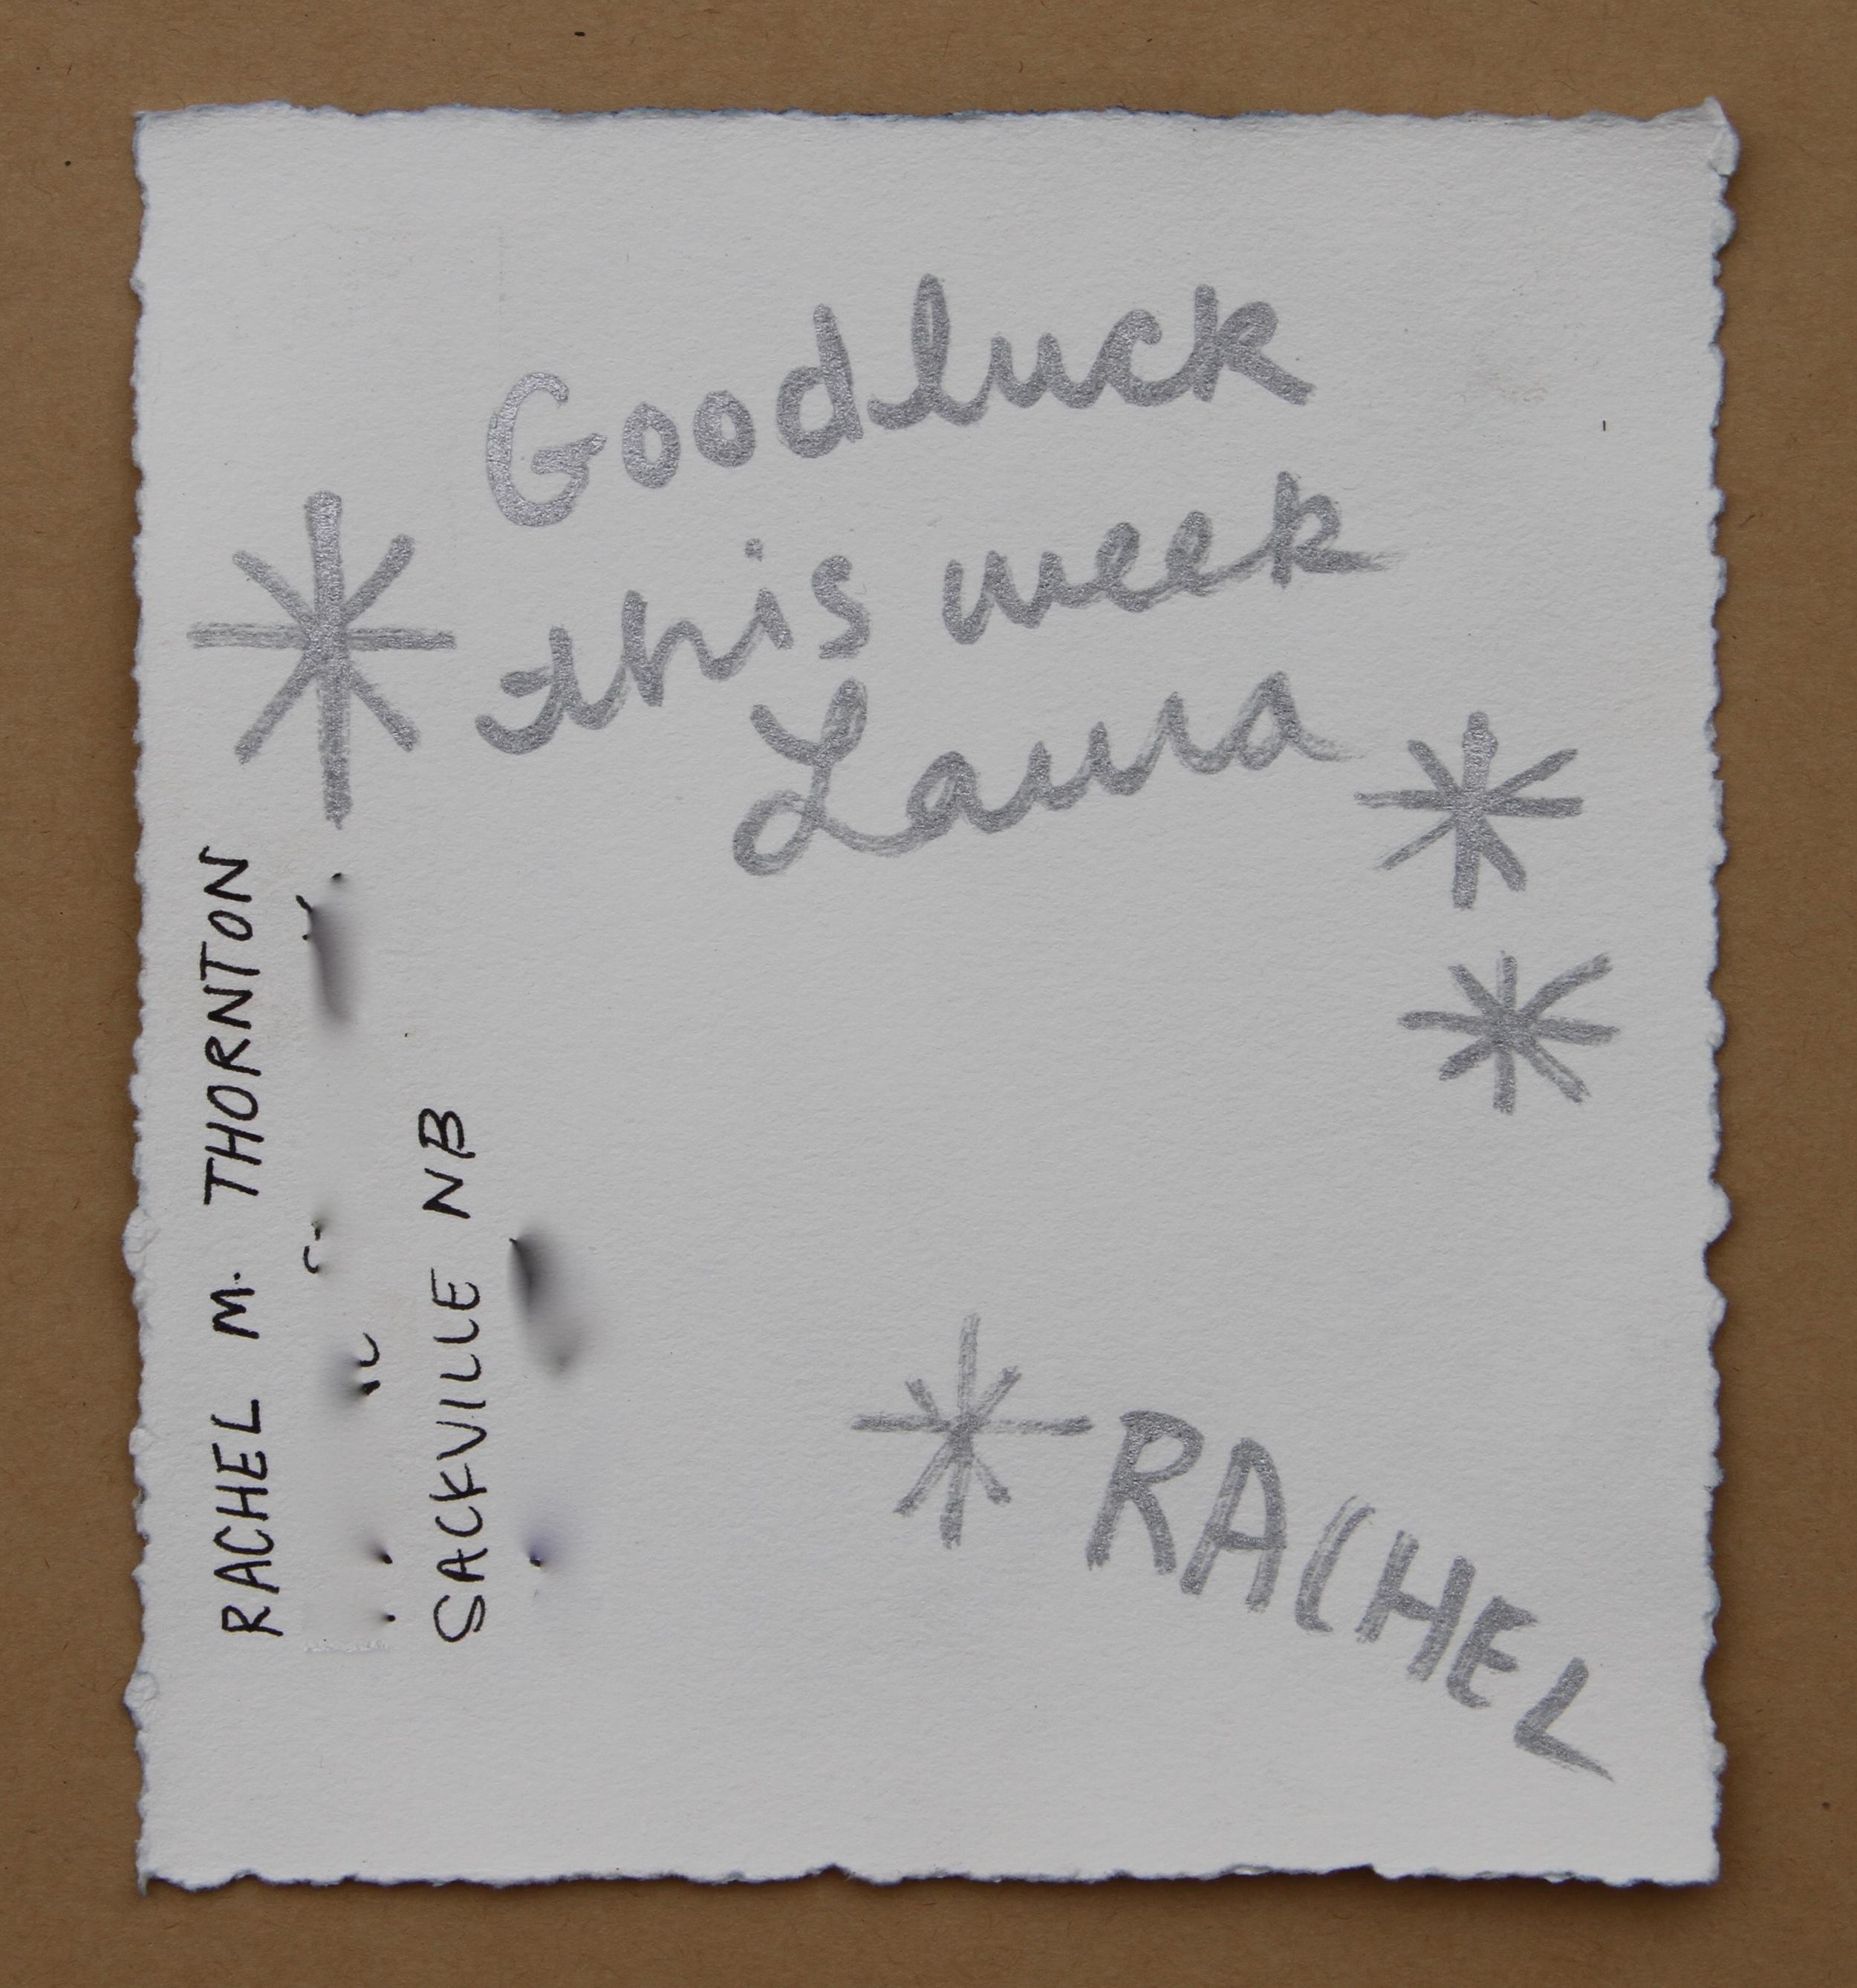 From Rachel